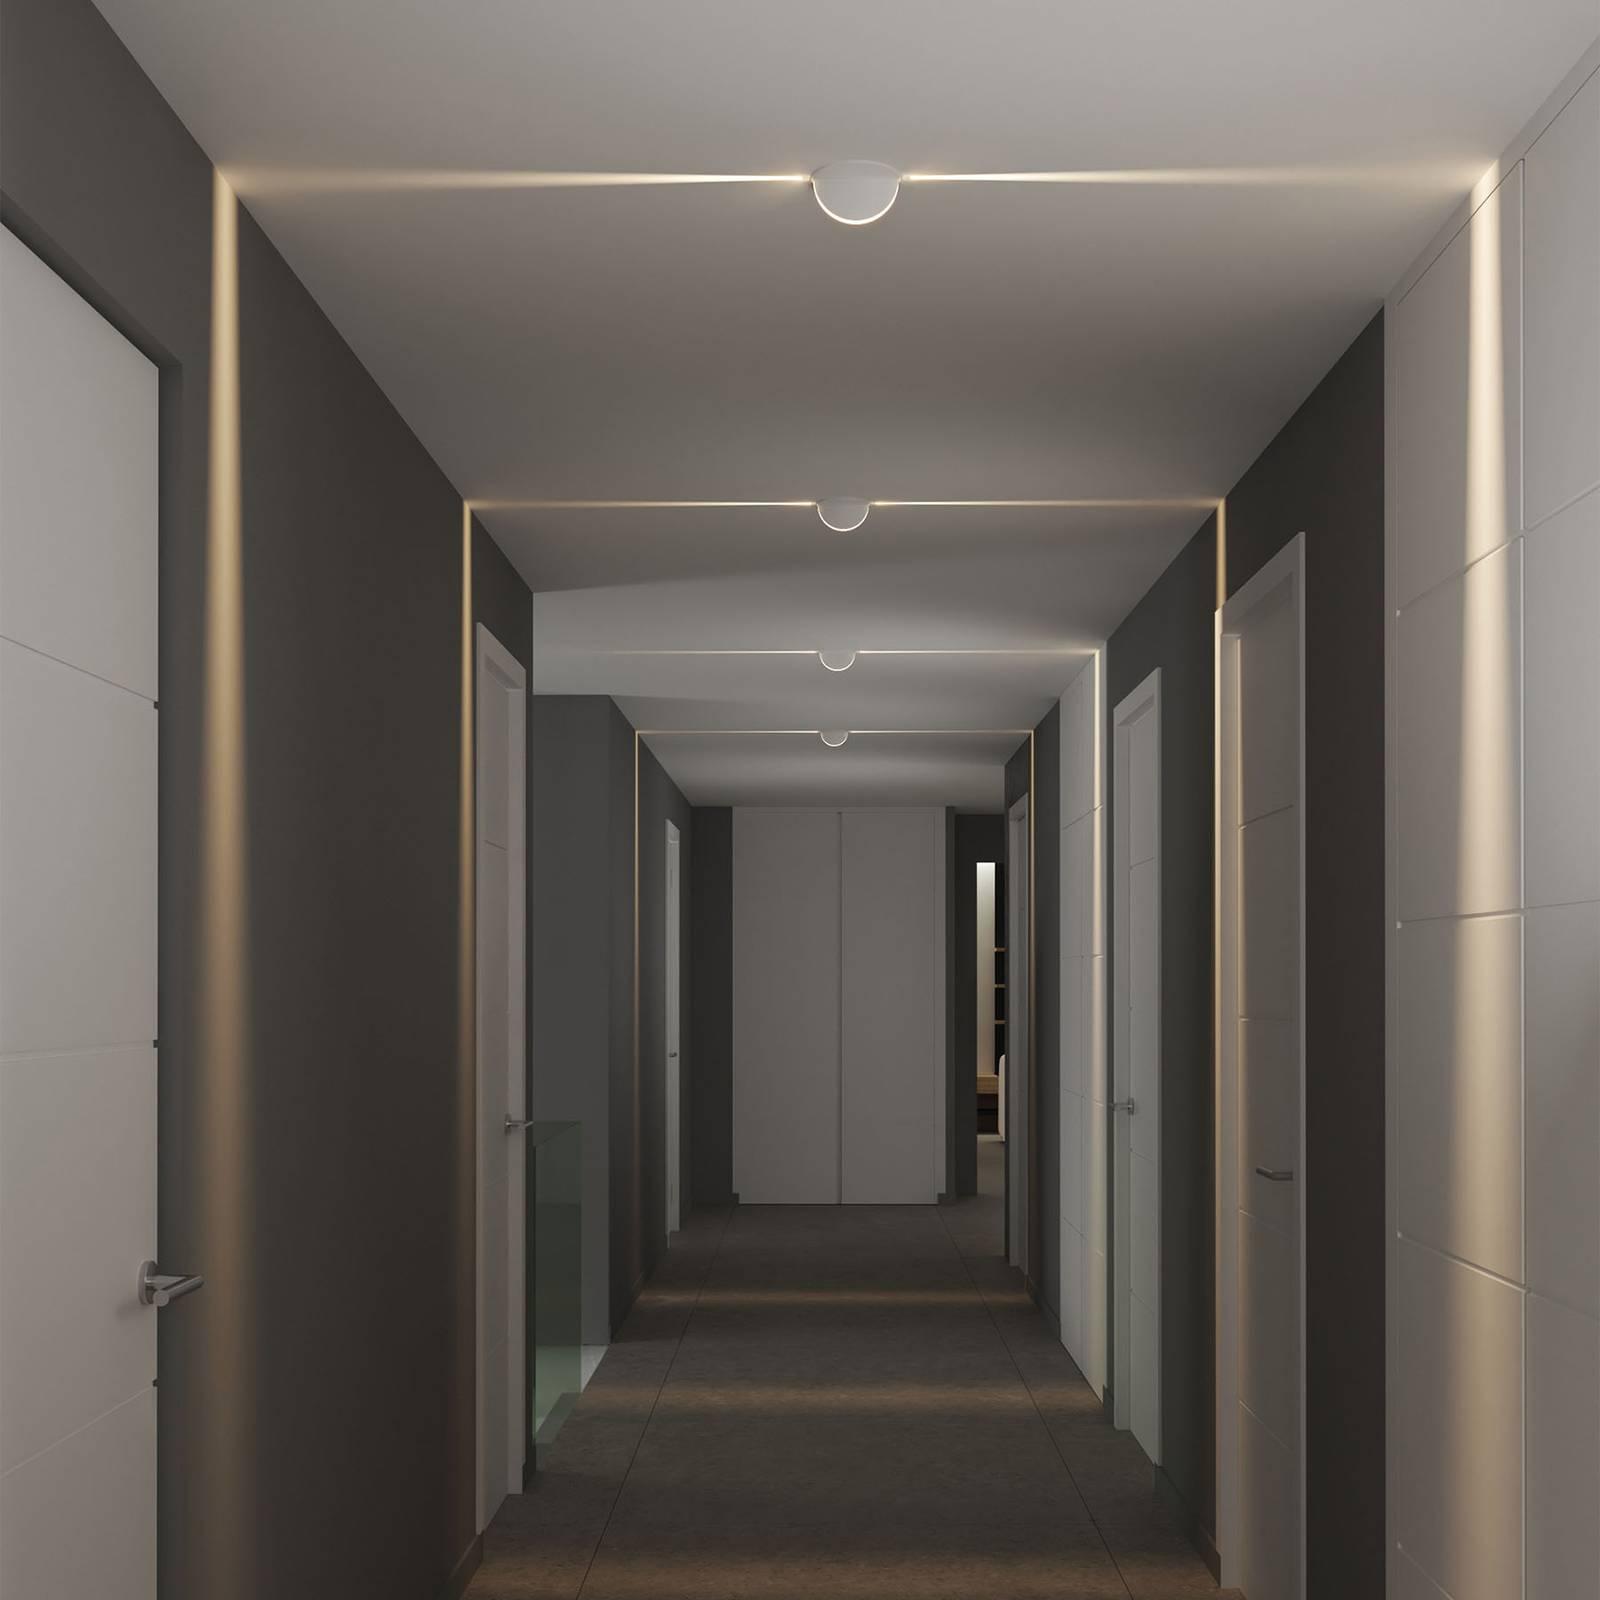 Bilde av Innfelt Led-taklampe Spectra Recessed, Ip54